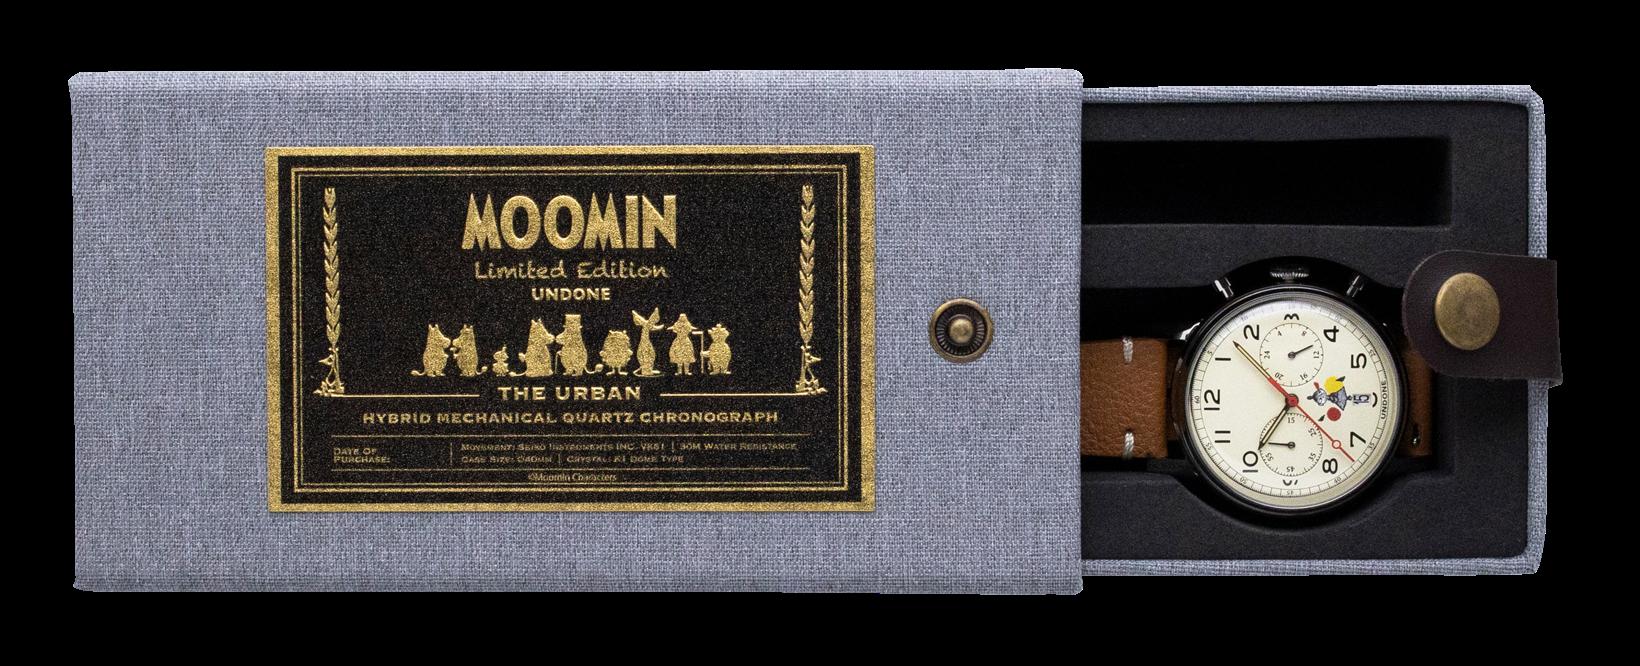 UNDONE ムーミン オリジナルラベル付き特別BOX